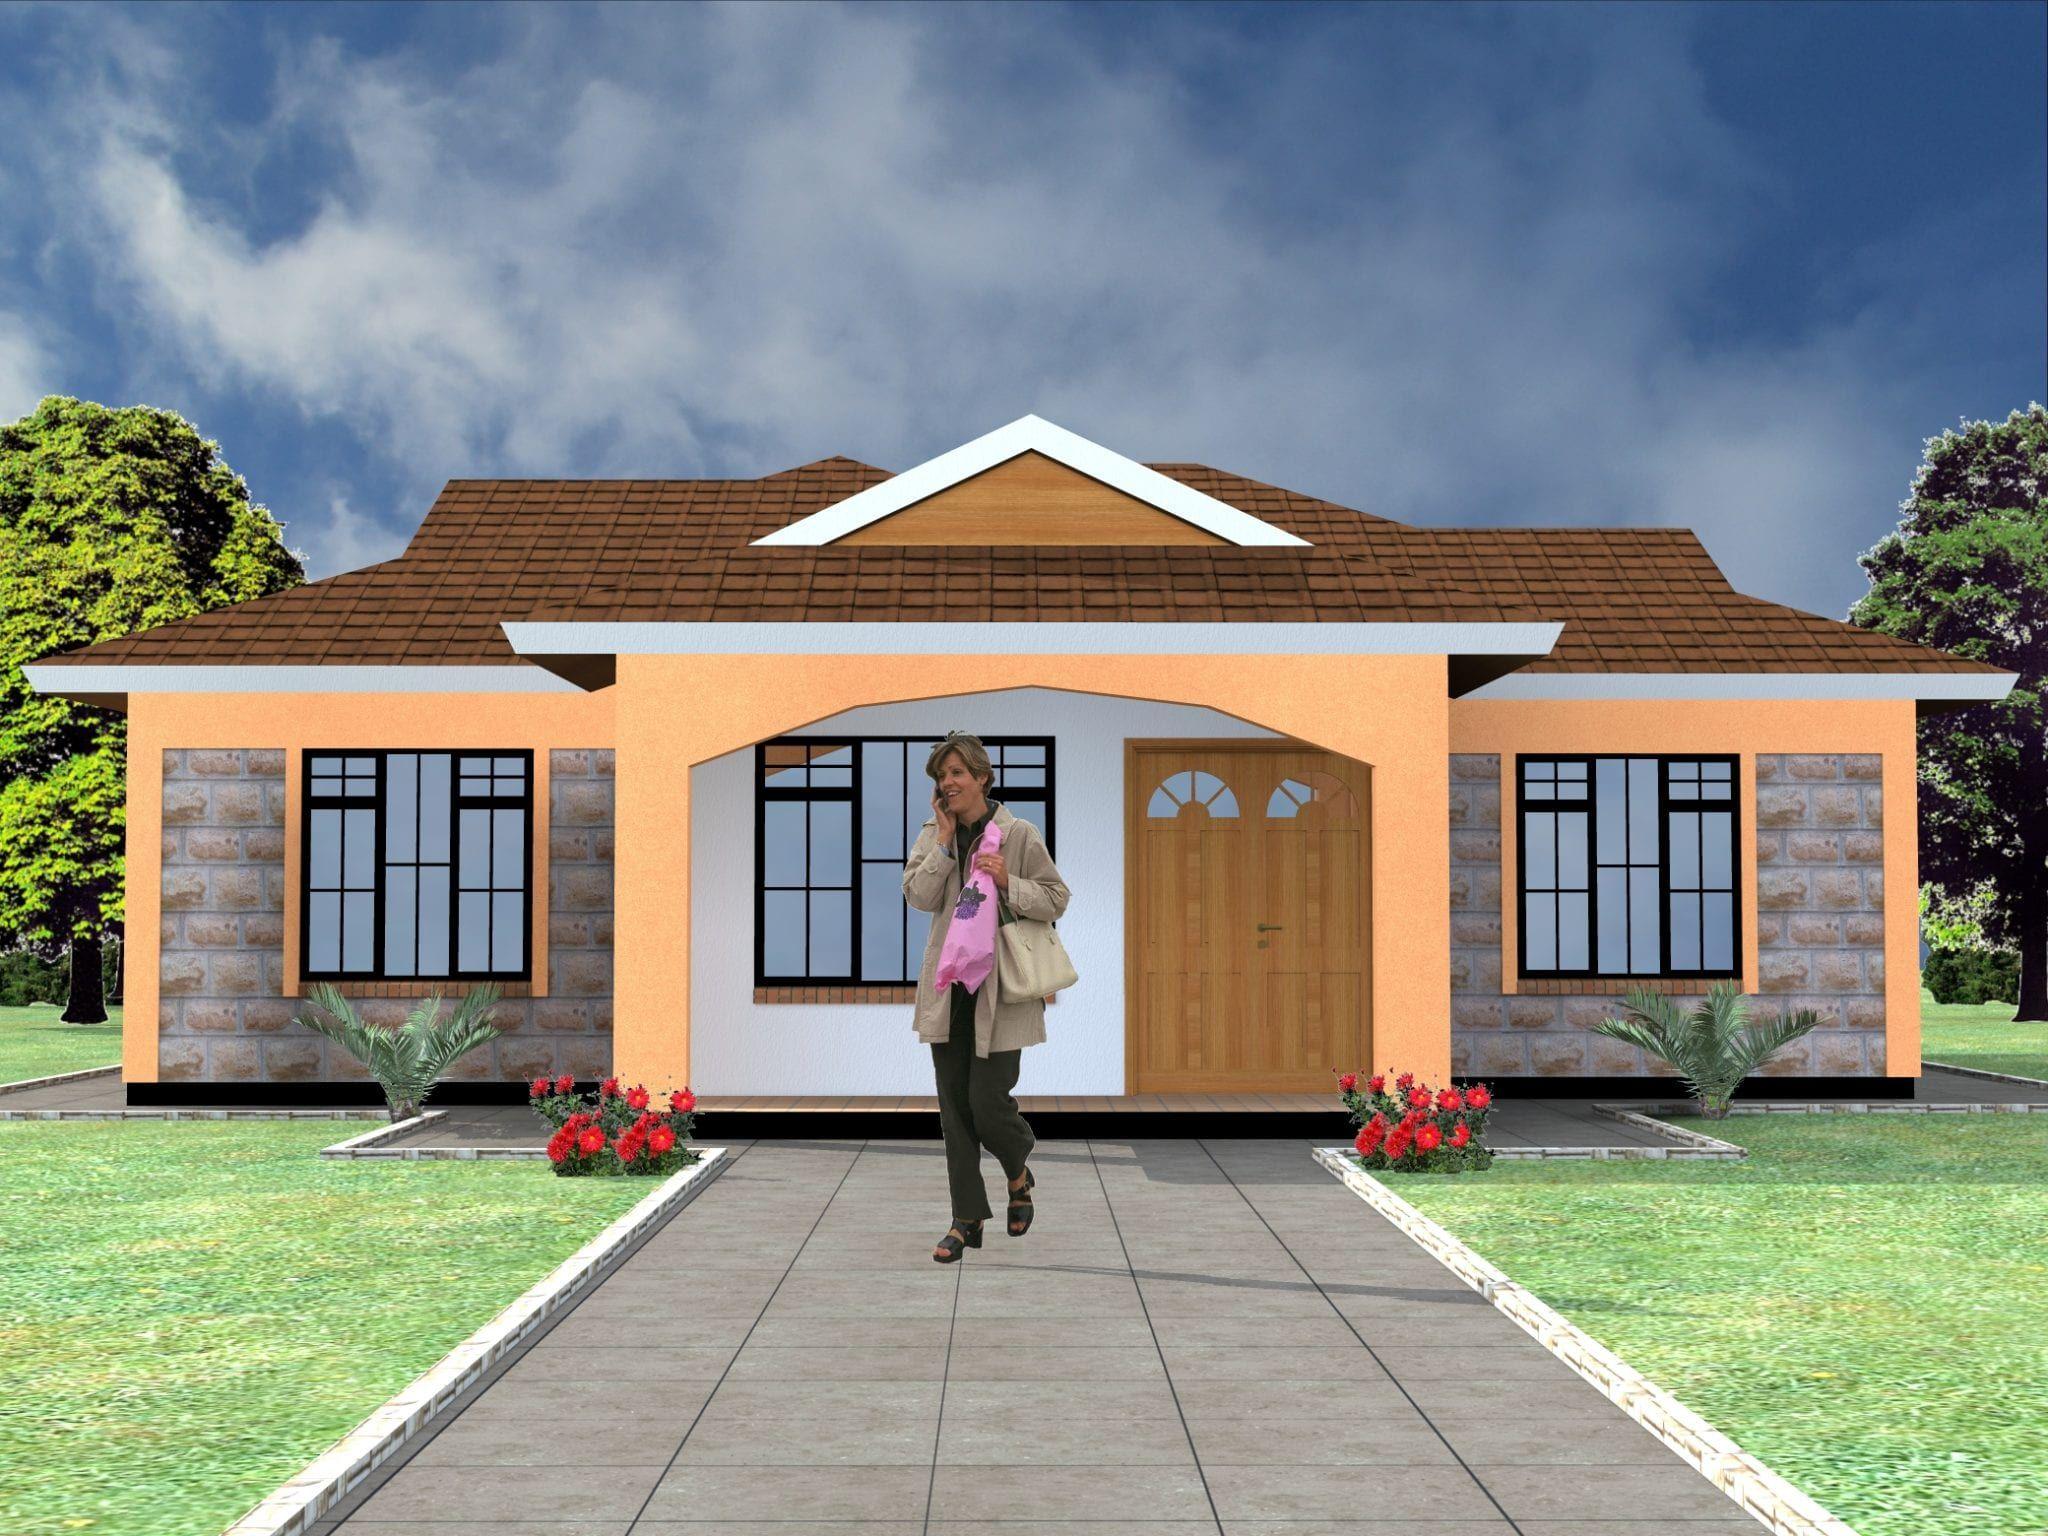 1125 B 25 Render 1 Unique House Plans Bedroom Floor Plans Beautiful House Plans